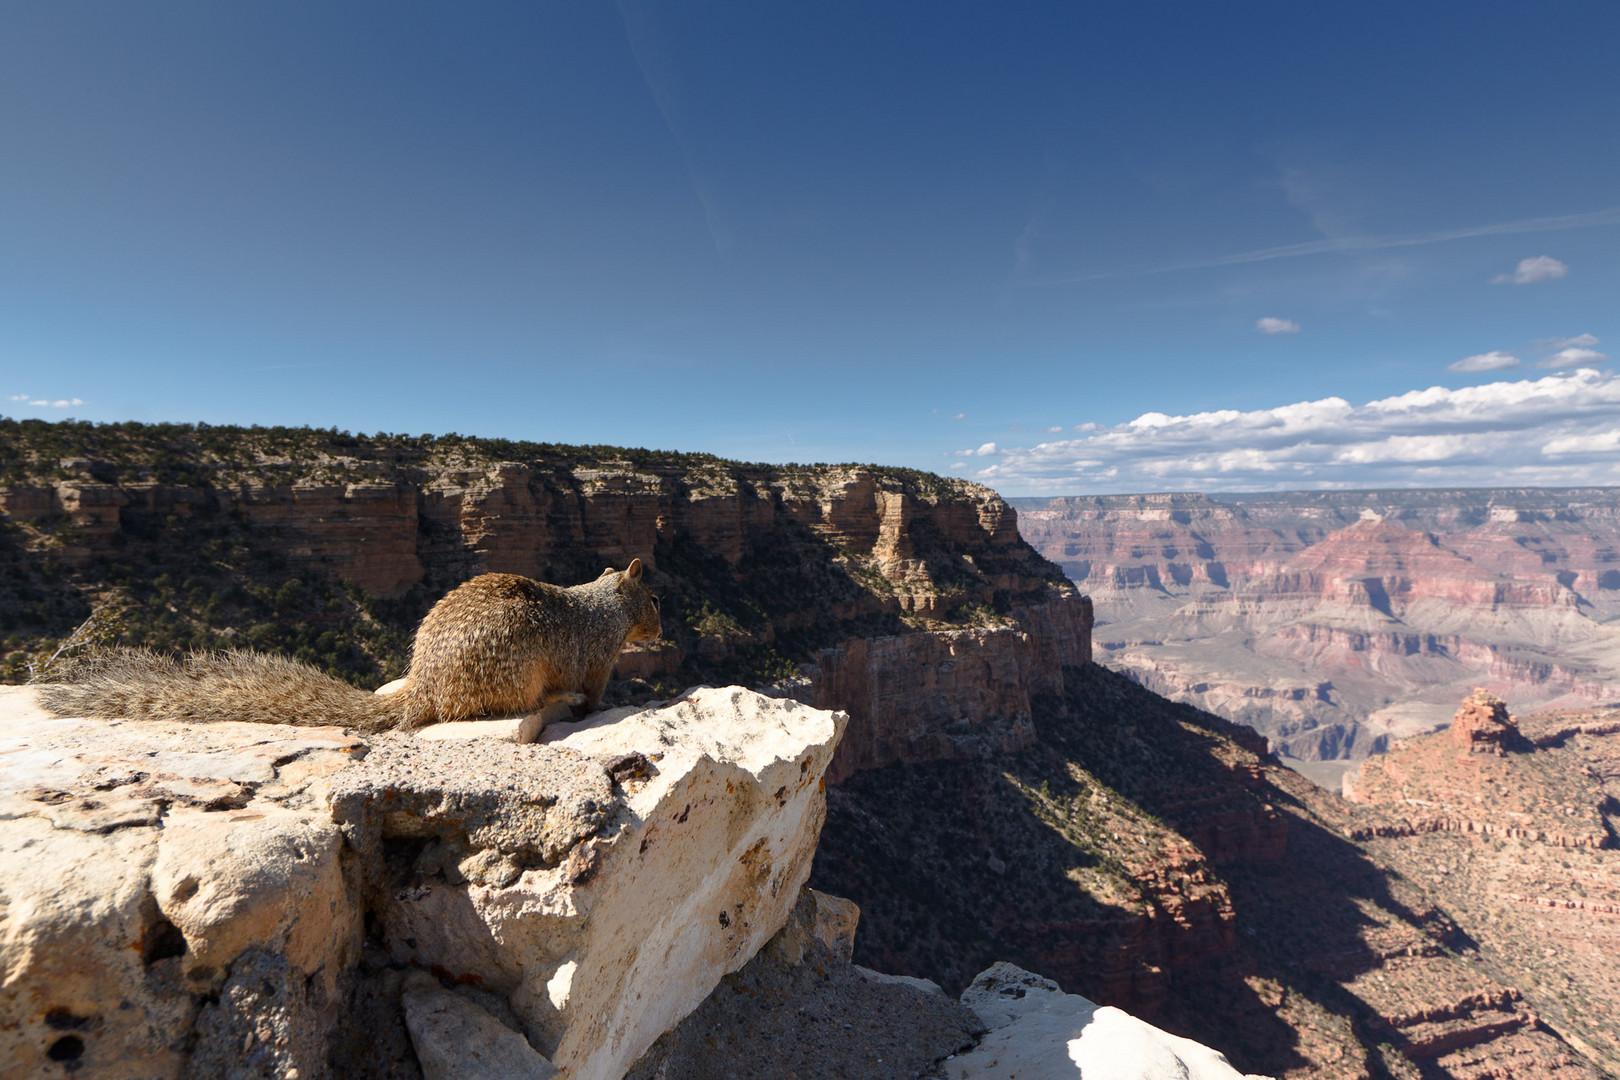 Ein Squirrel genießt den Ausblick auf den Grand Canyon